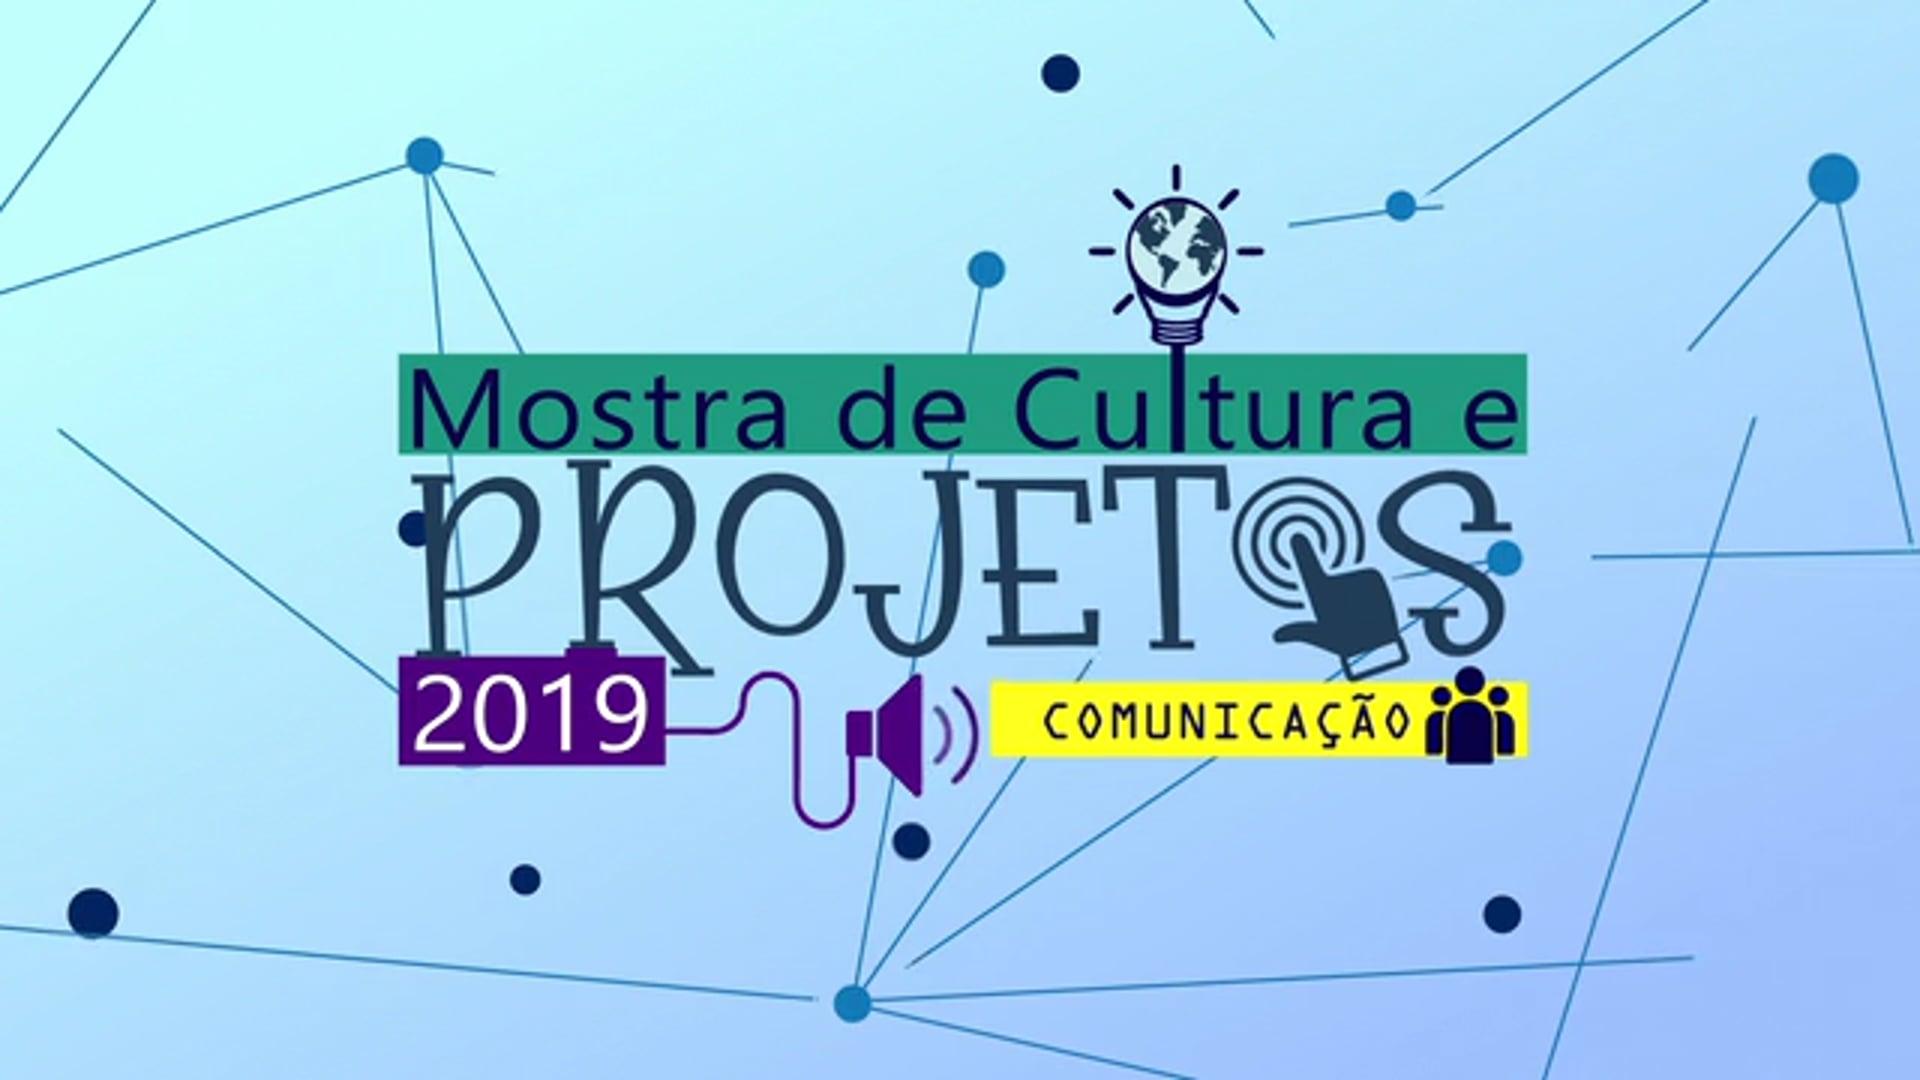 MOSTRA DE PROJETOS ARNALDO FUNCIONÁRIOS 2019 (INTRODUÇÃO)